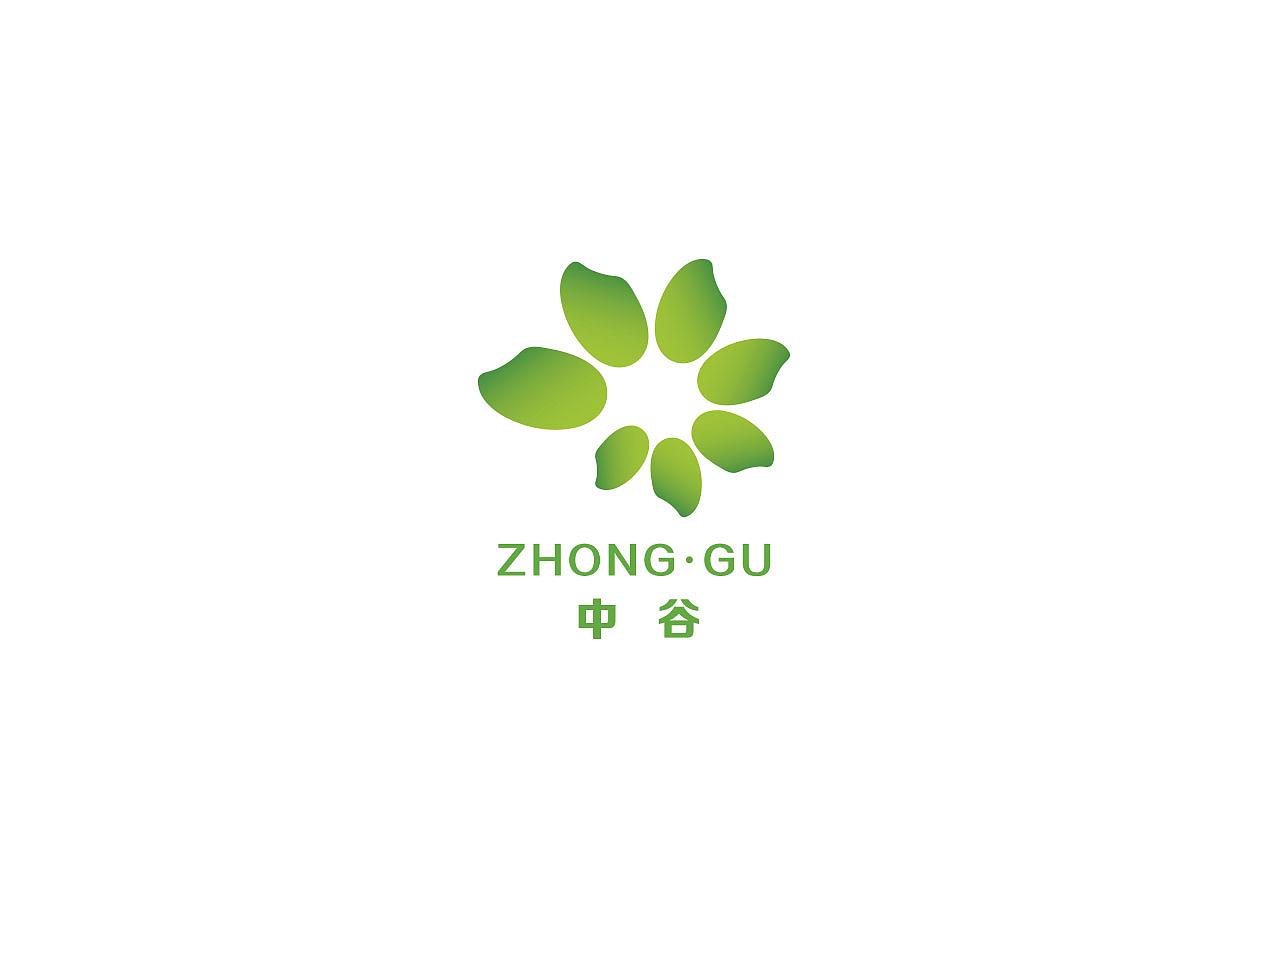 大米产品而作的logo设计方案 --|平面|标志|今晚打图片